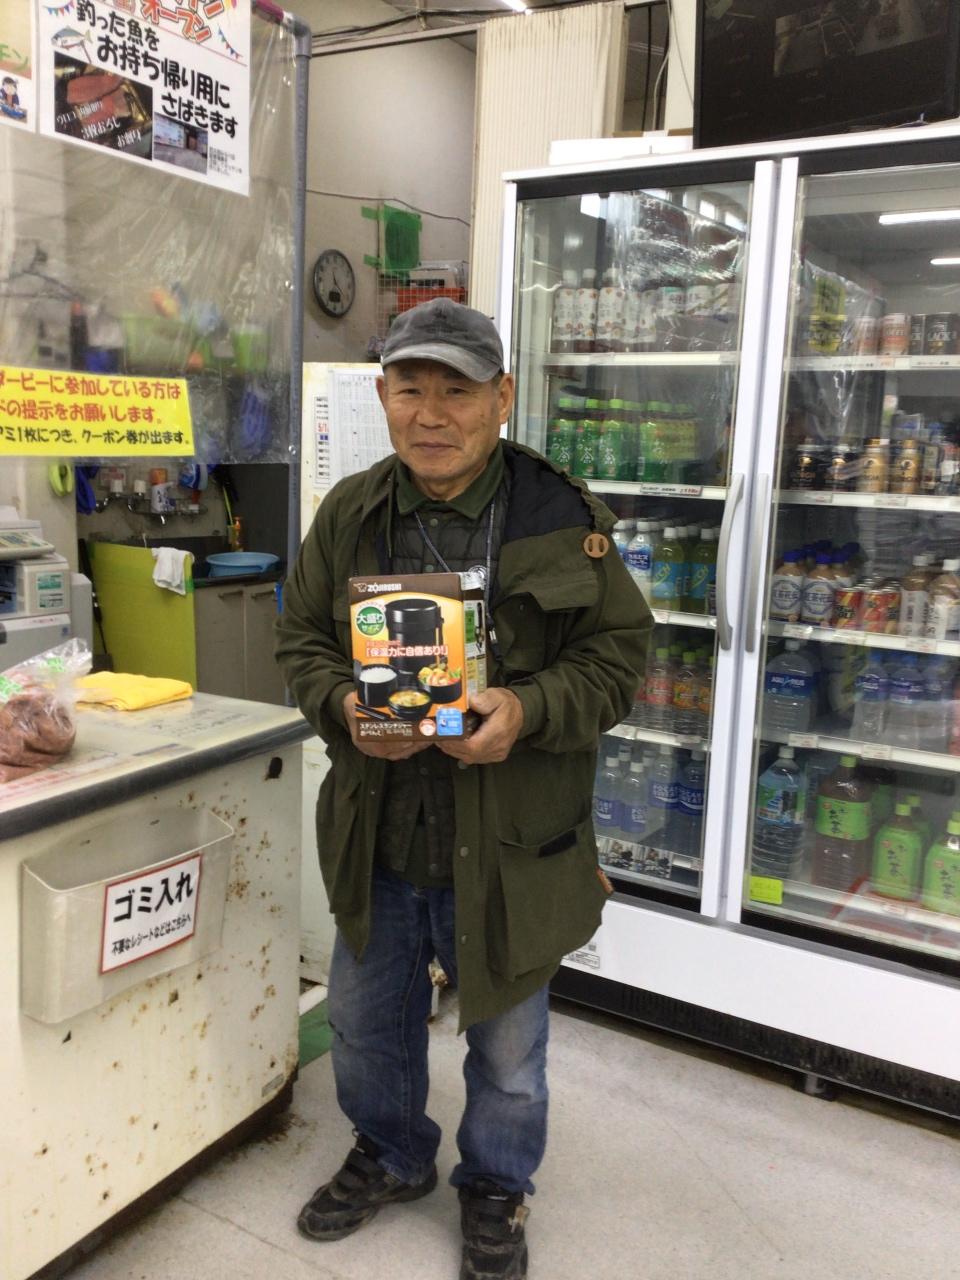 12/ 30  第5回アオリダービー  10位  釣バカ様  象印 ステンレス 弁当箱get !! おめでとうございます。